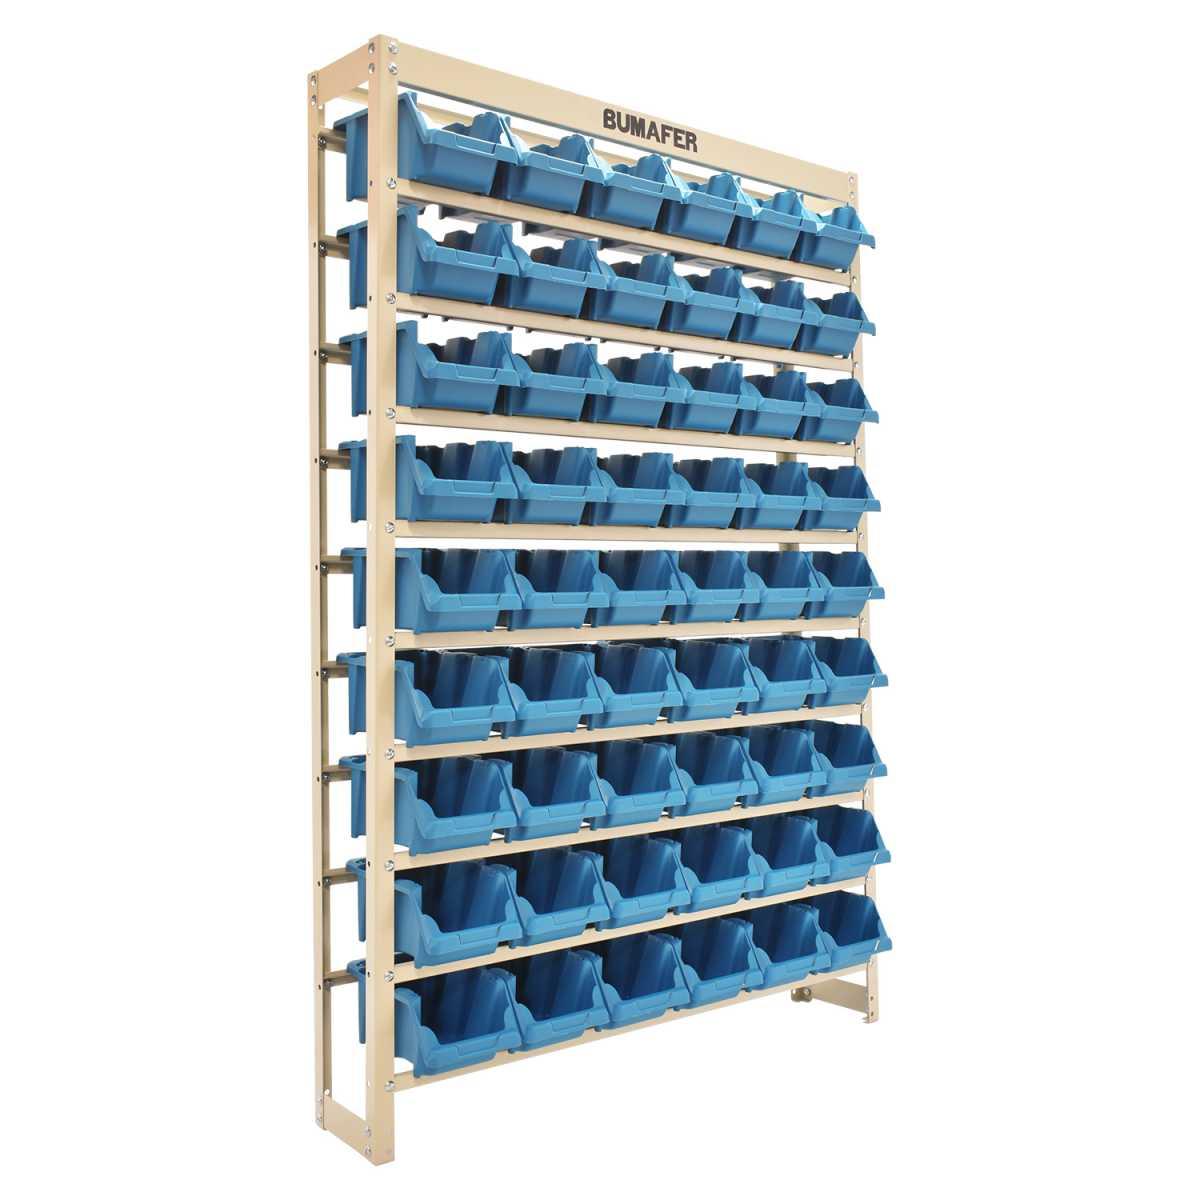 Estante Gaveteiro com 54 Gavetas Nº 5 Cor Azul 27406 Bumafer